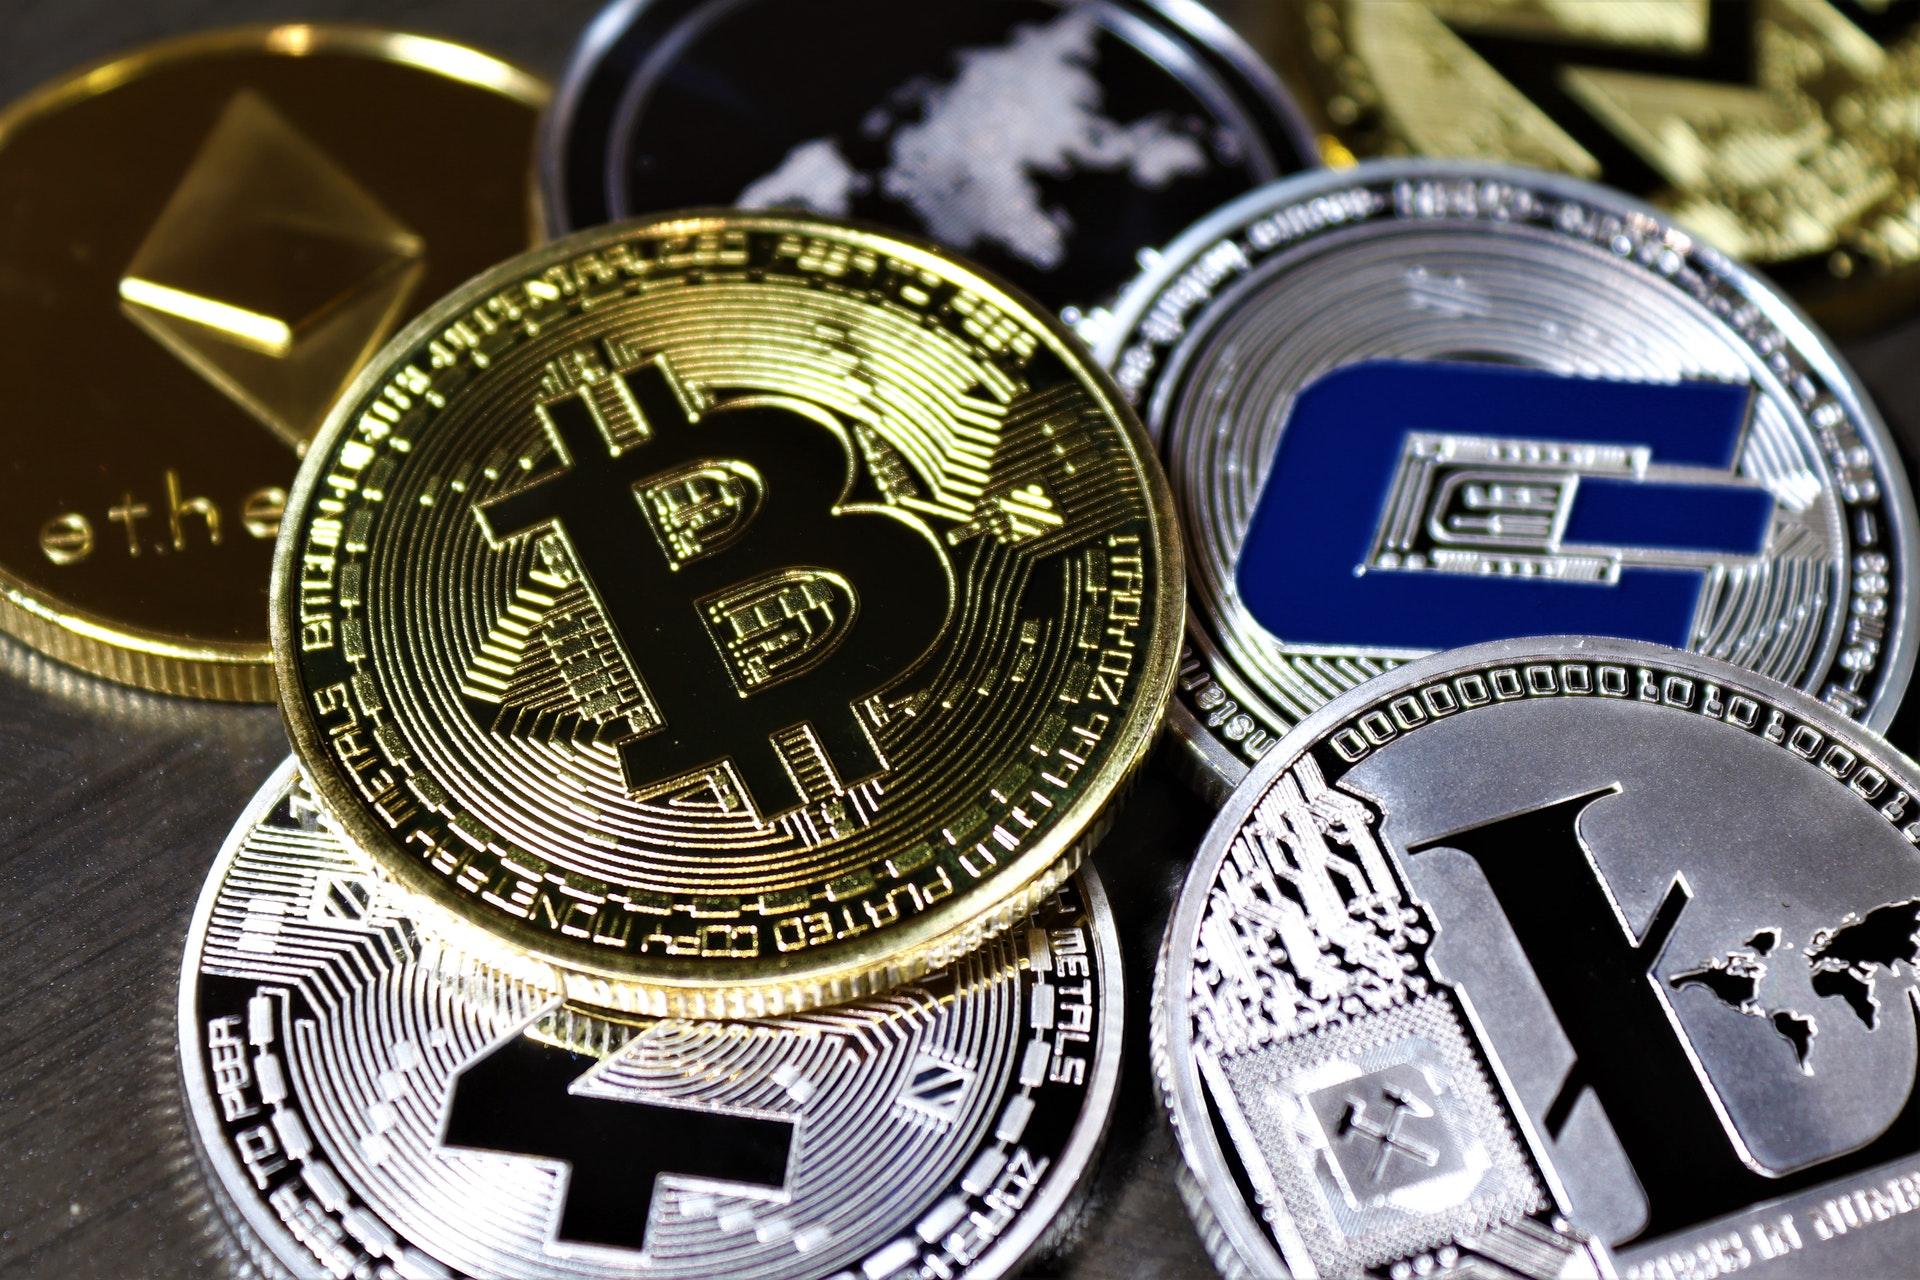 Litecoin nadelen en voordelen – waarom u Litecoin niet zou moeten verkiezen boven andere cryptovaluta